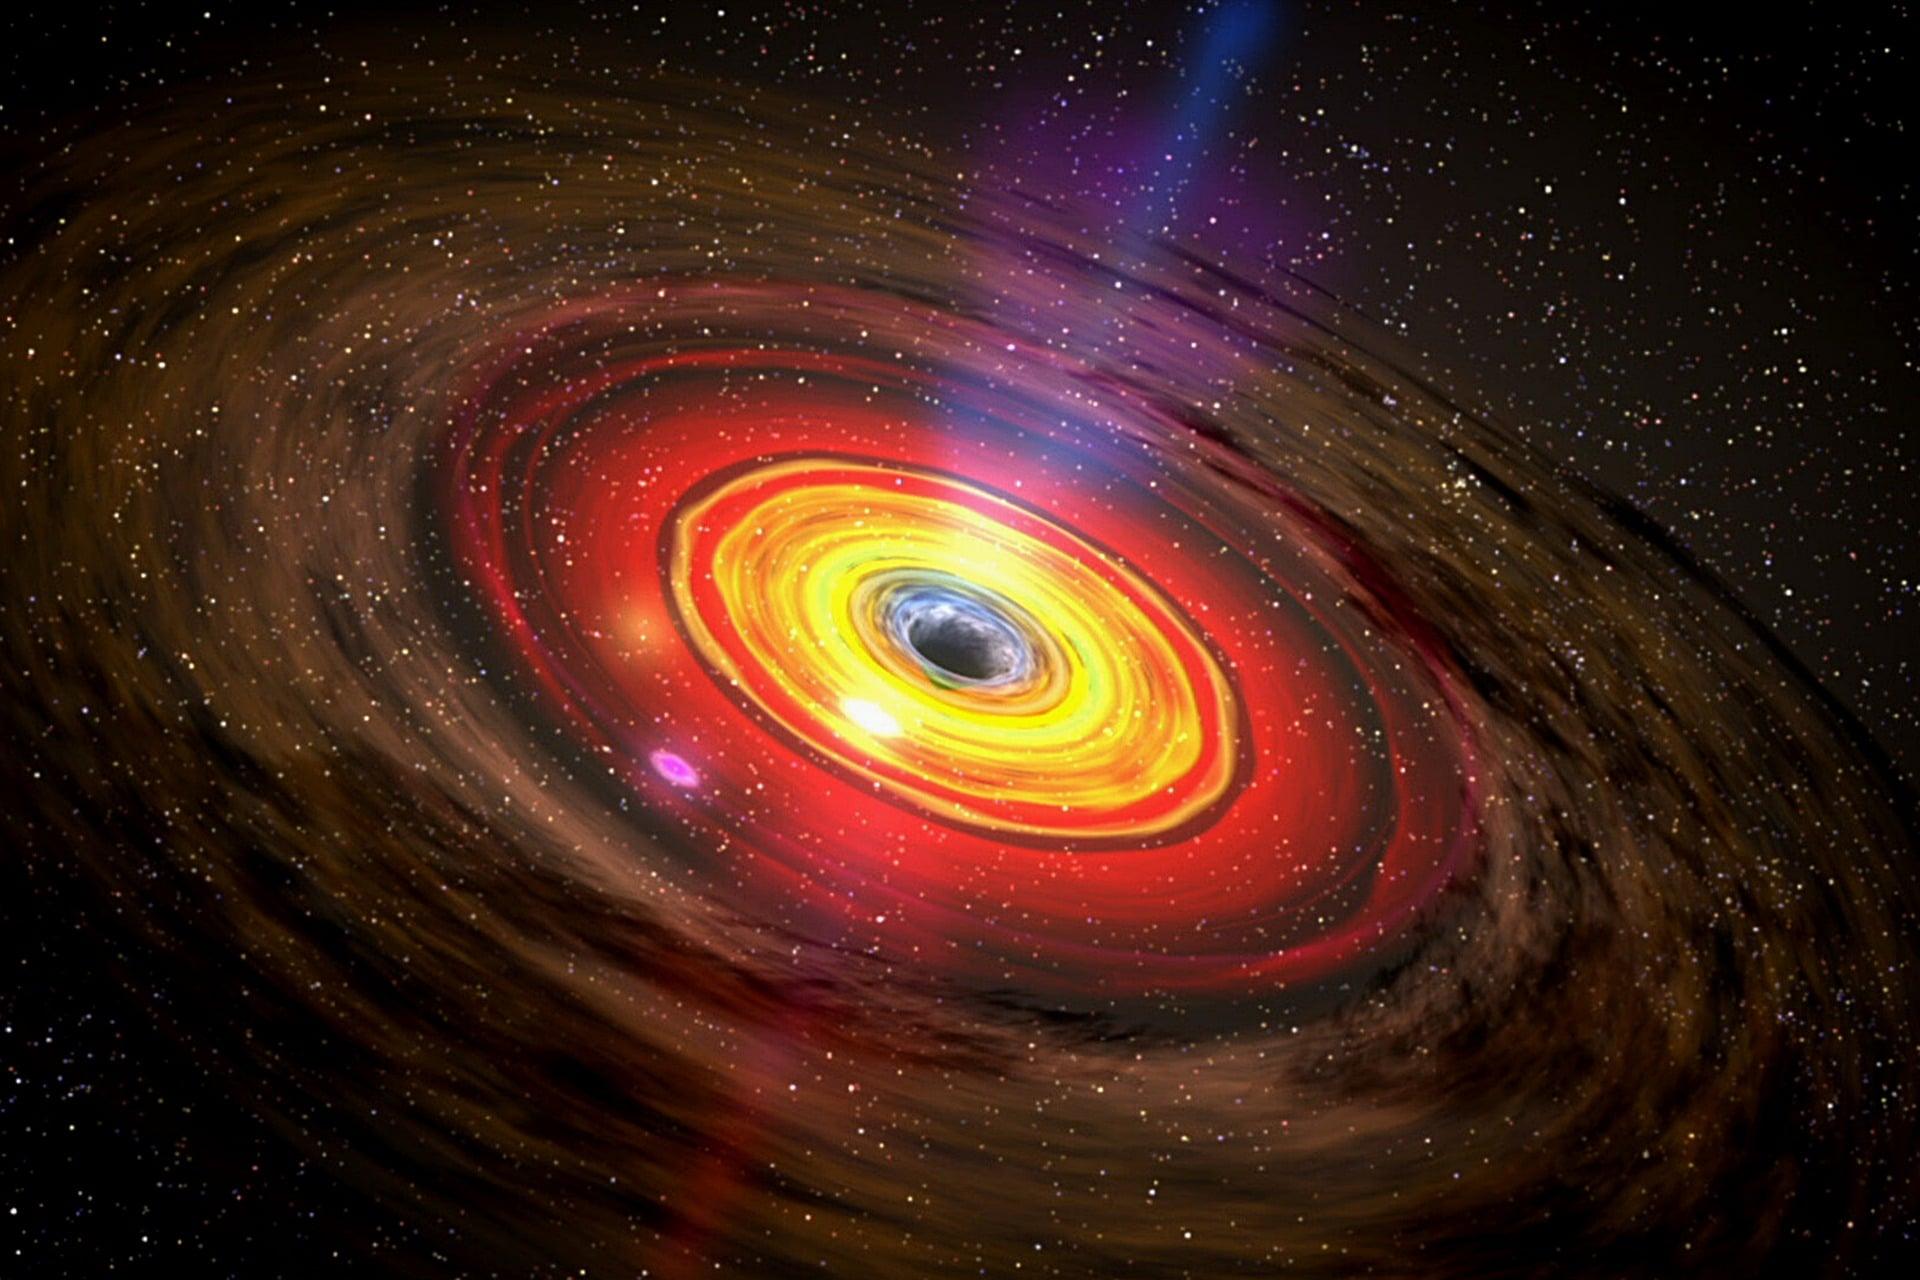 Podemos extrair energia de um buraco negro? Cientistas propõem um novo plano selvagem